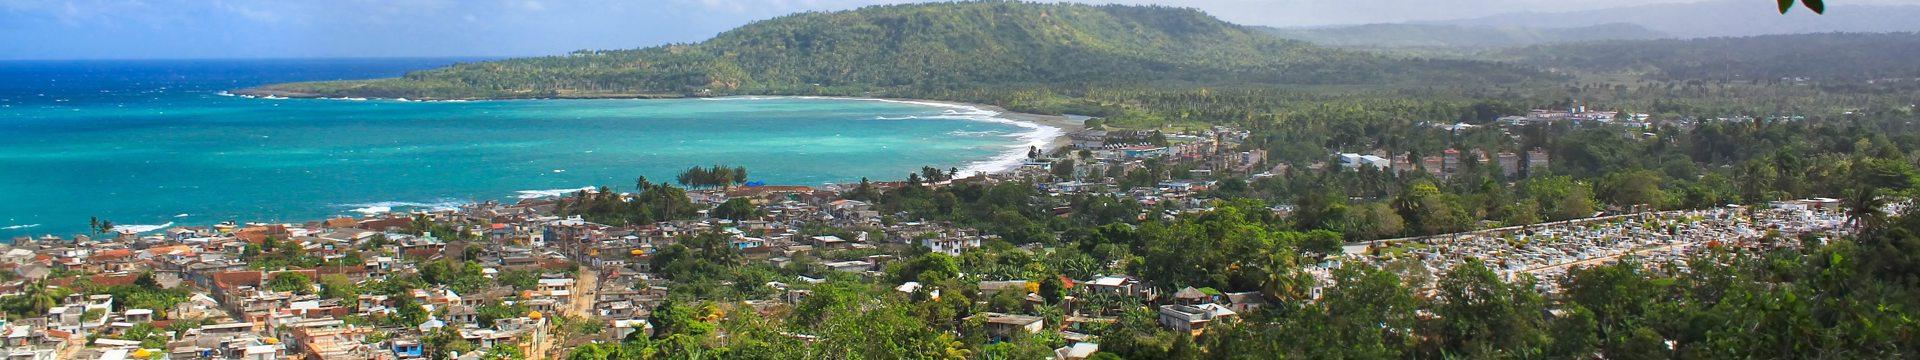 Oost-Cuba